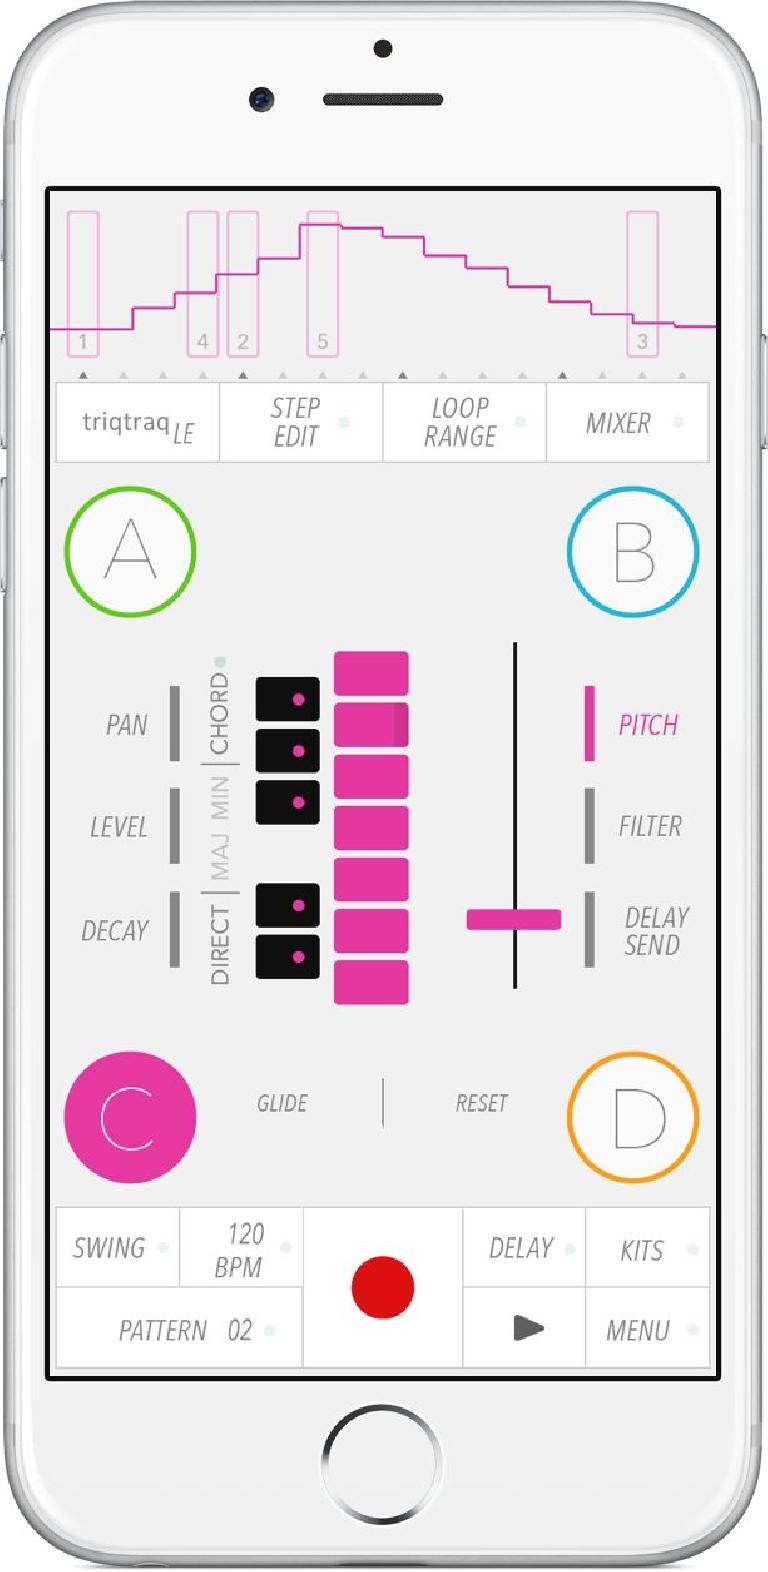 Triqtraq LE for iOS